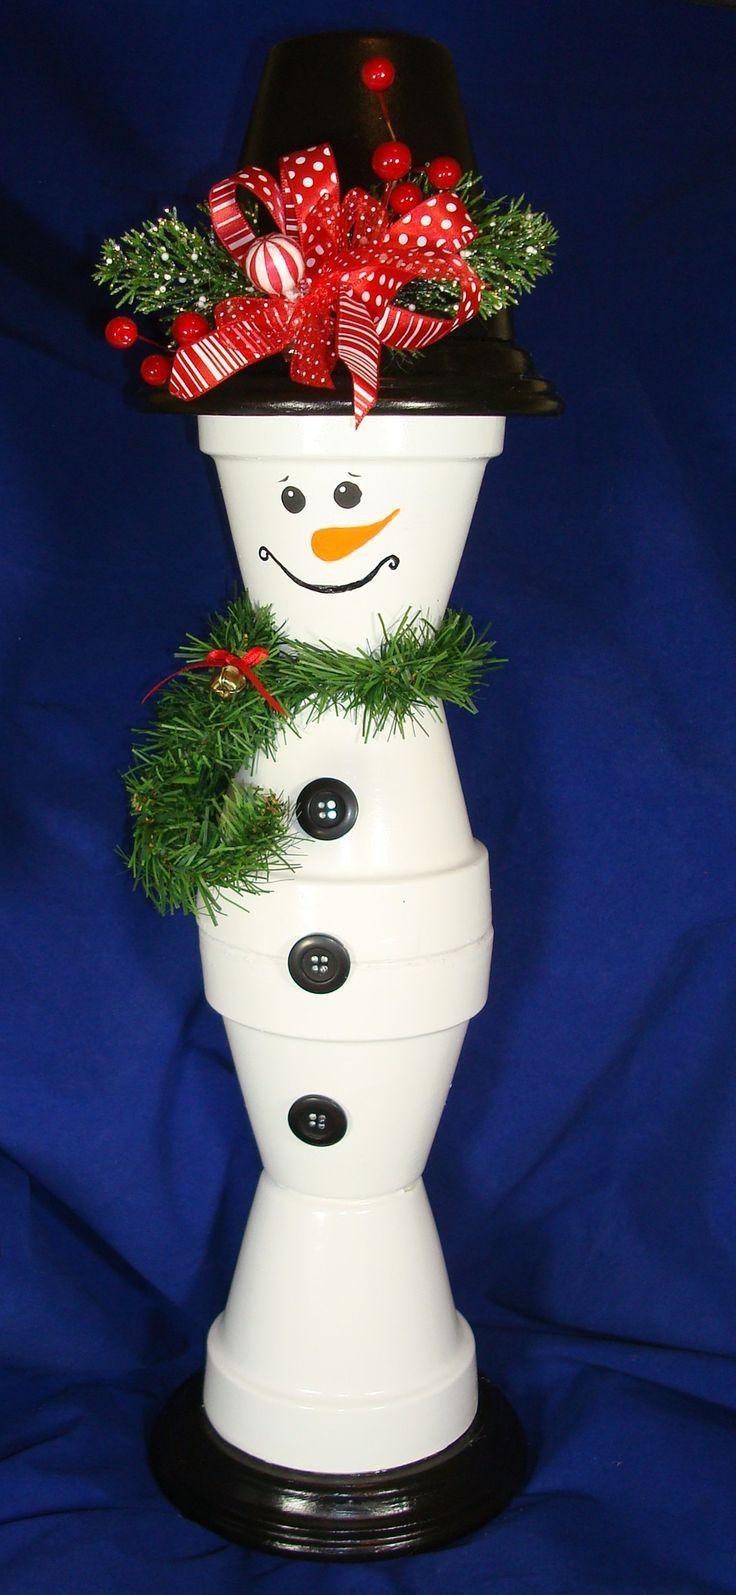 Adorable flower pot snowman: